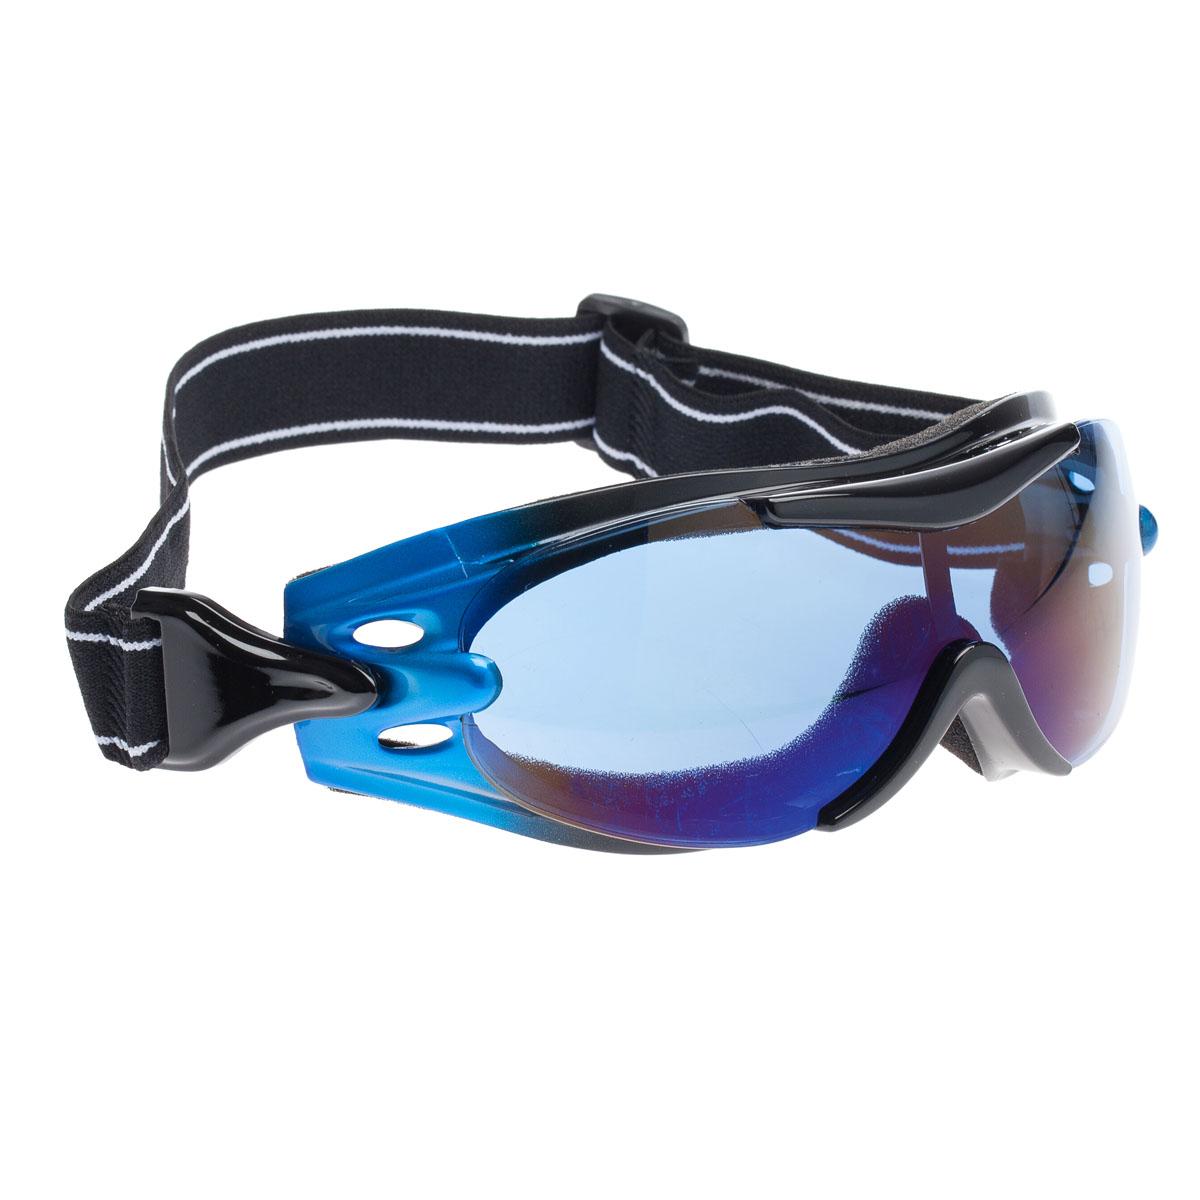 Горнолыжные очки Exparc, 15653-8 горнолыжные очки recon zeal z3 sppx белые